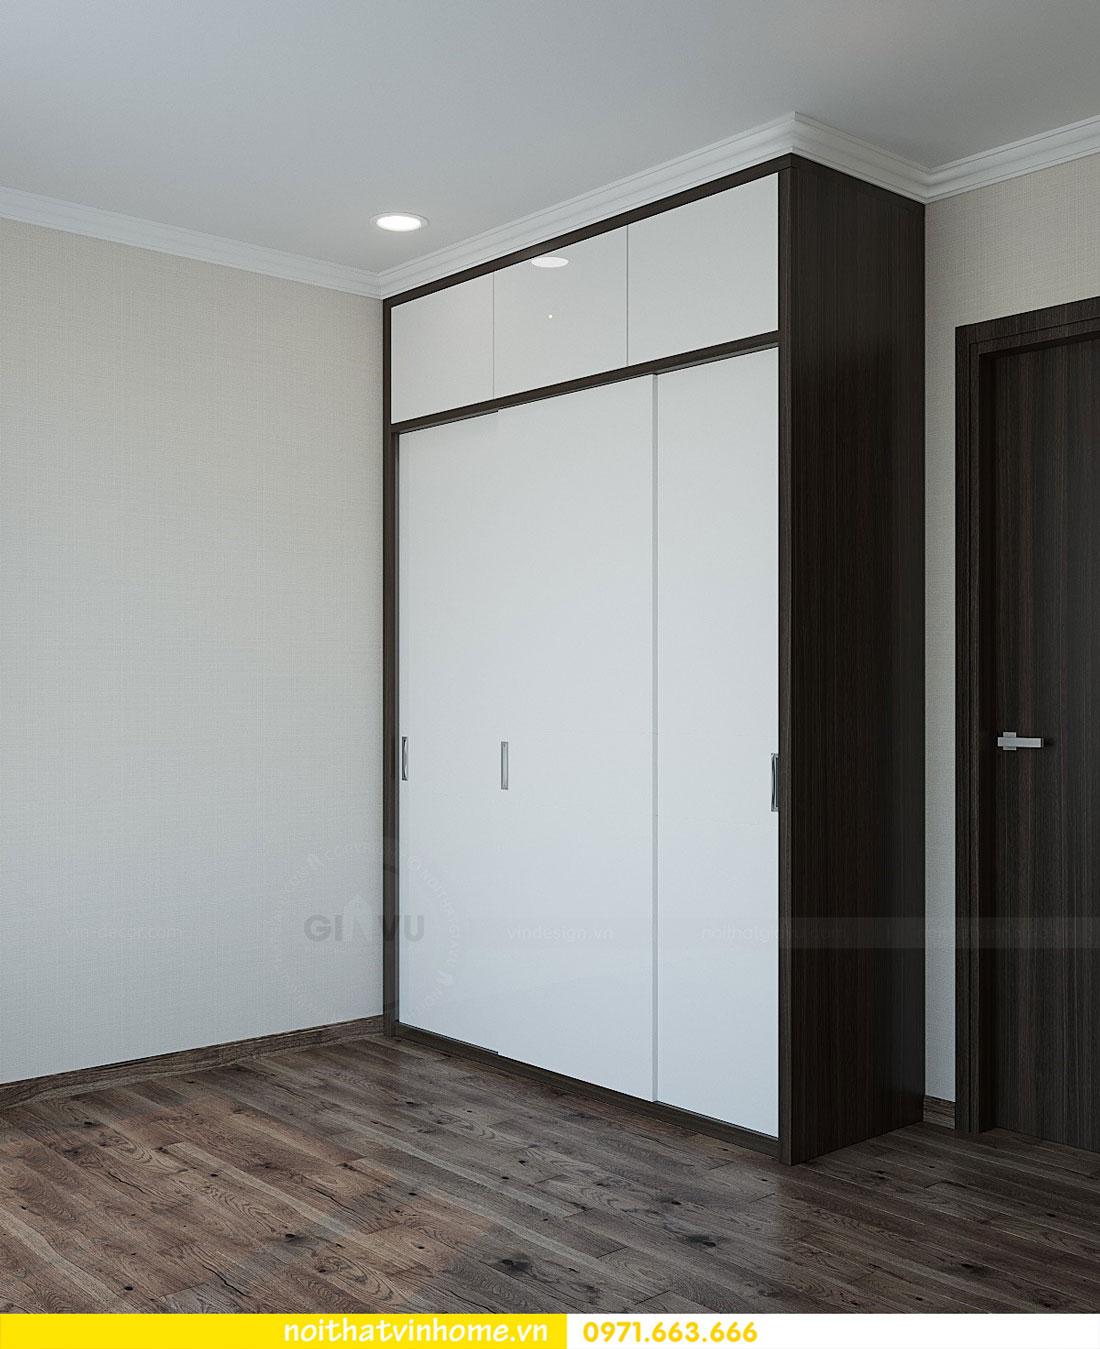 thiết kế nội thất tại chung cư Park Hill tòa P7 căn 12 - anh Điệp 12